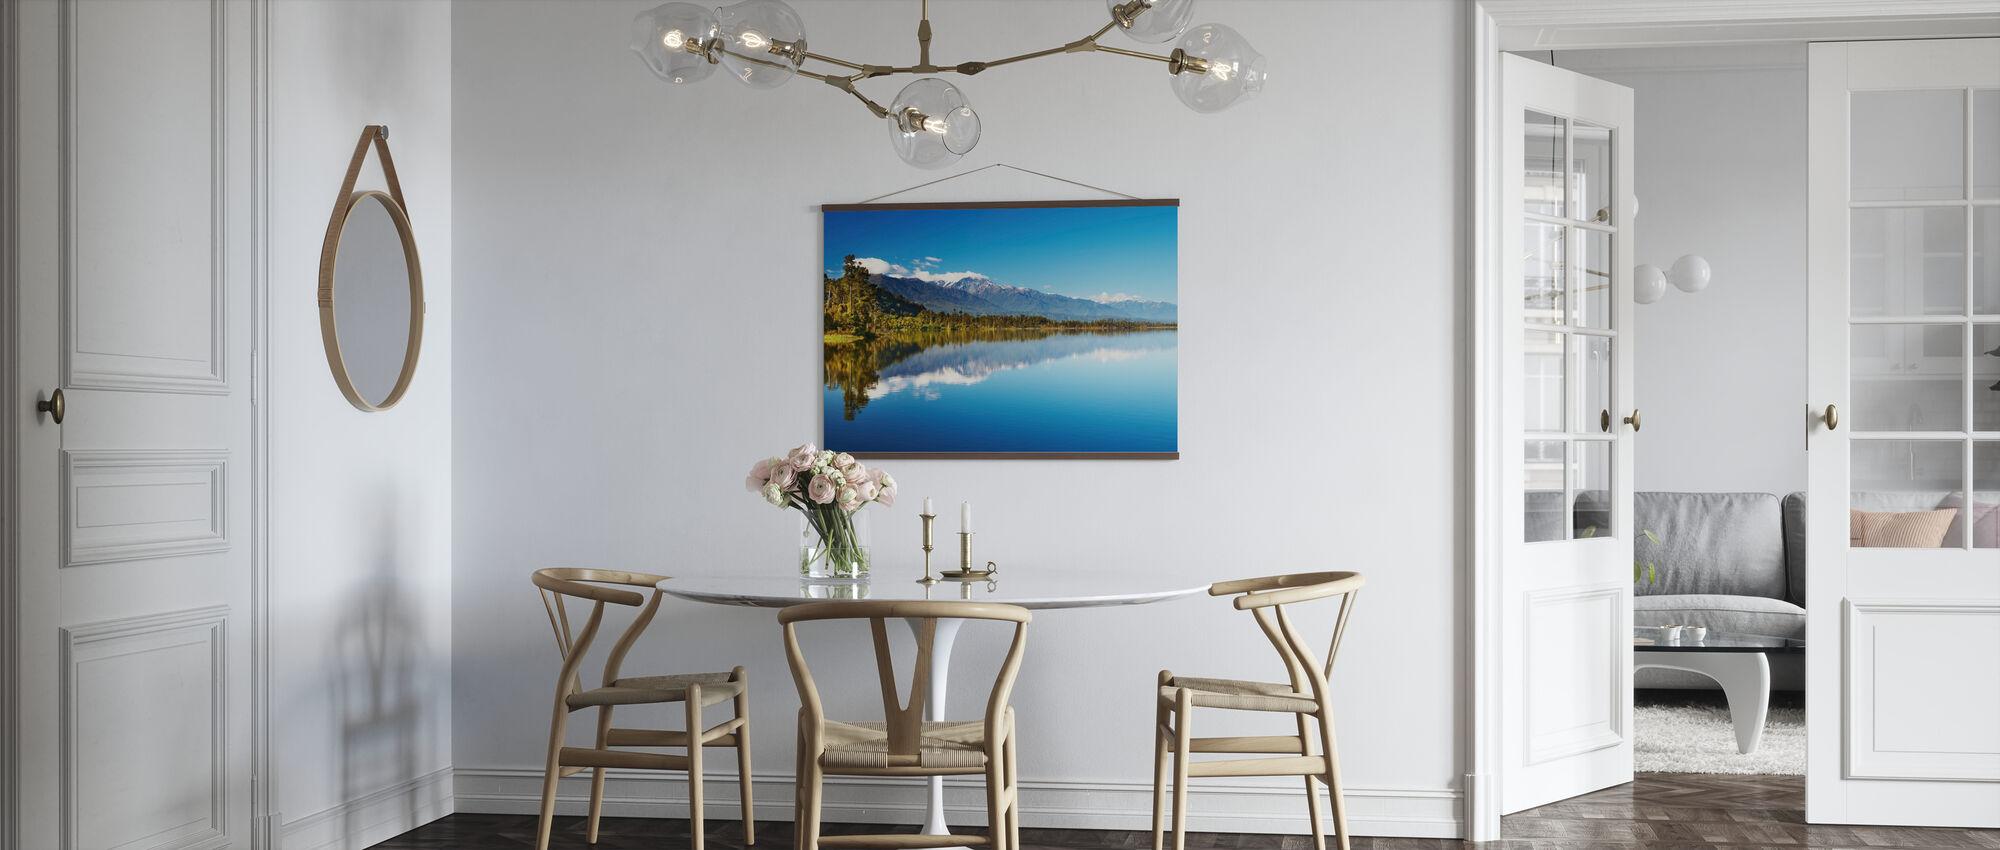 Kaunis järvi, Uusi-Seelanti - Juliste - Keittiö